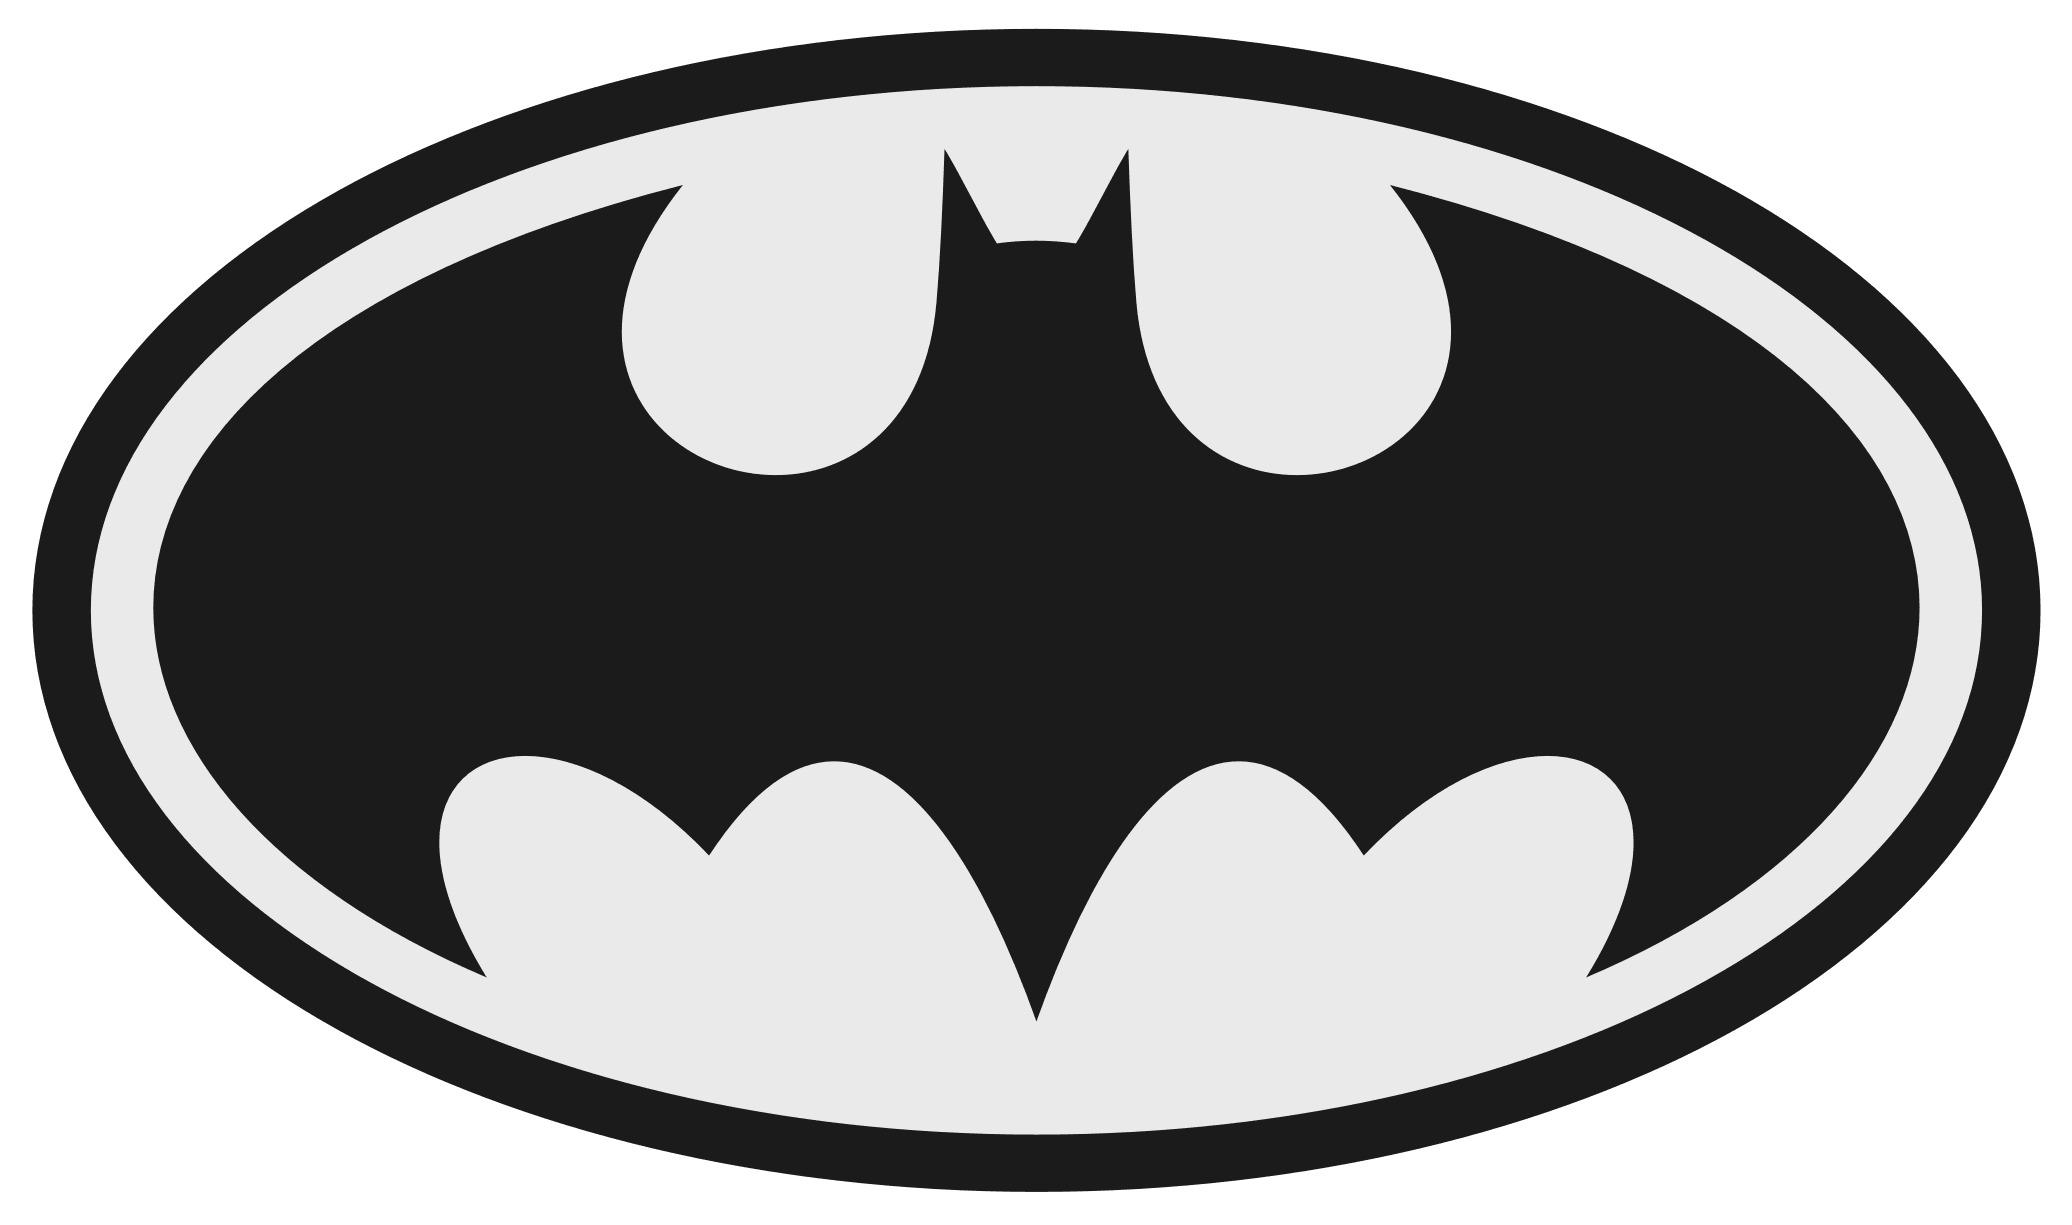 2072x1225 Batgirl Clipart Batman Symbol